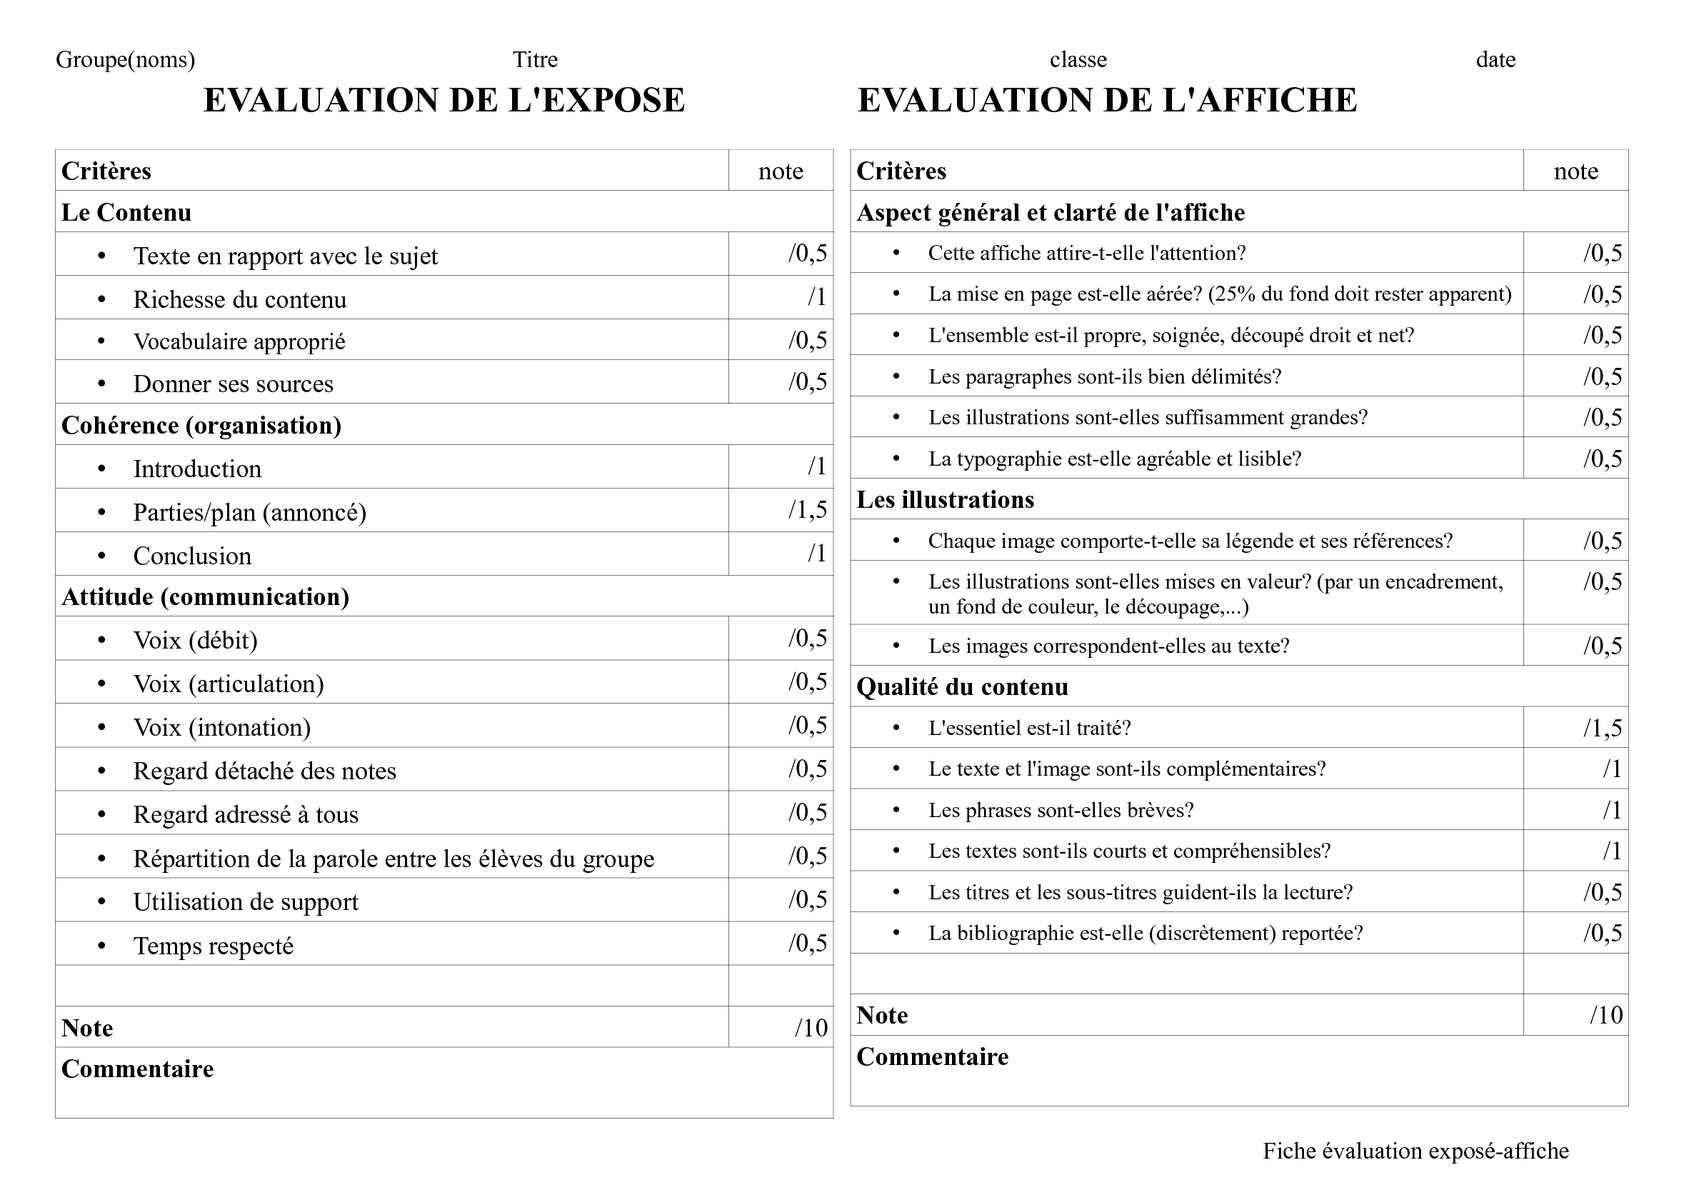 Critères d'évaluation pour les exposés et les affiches